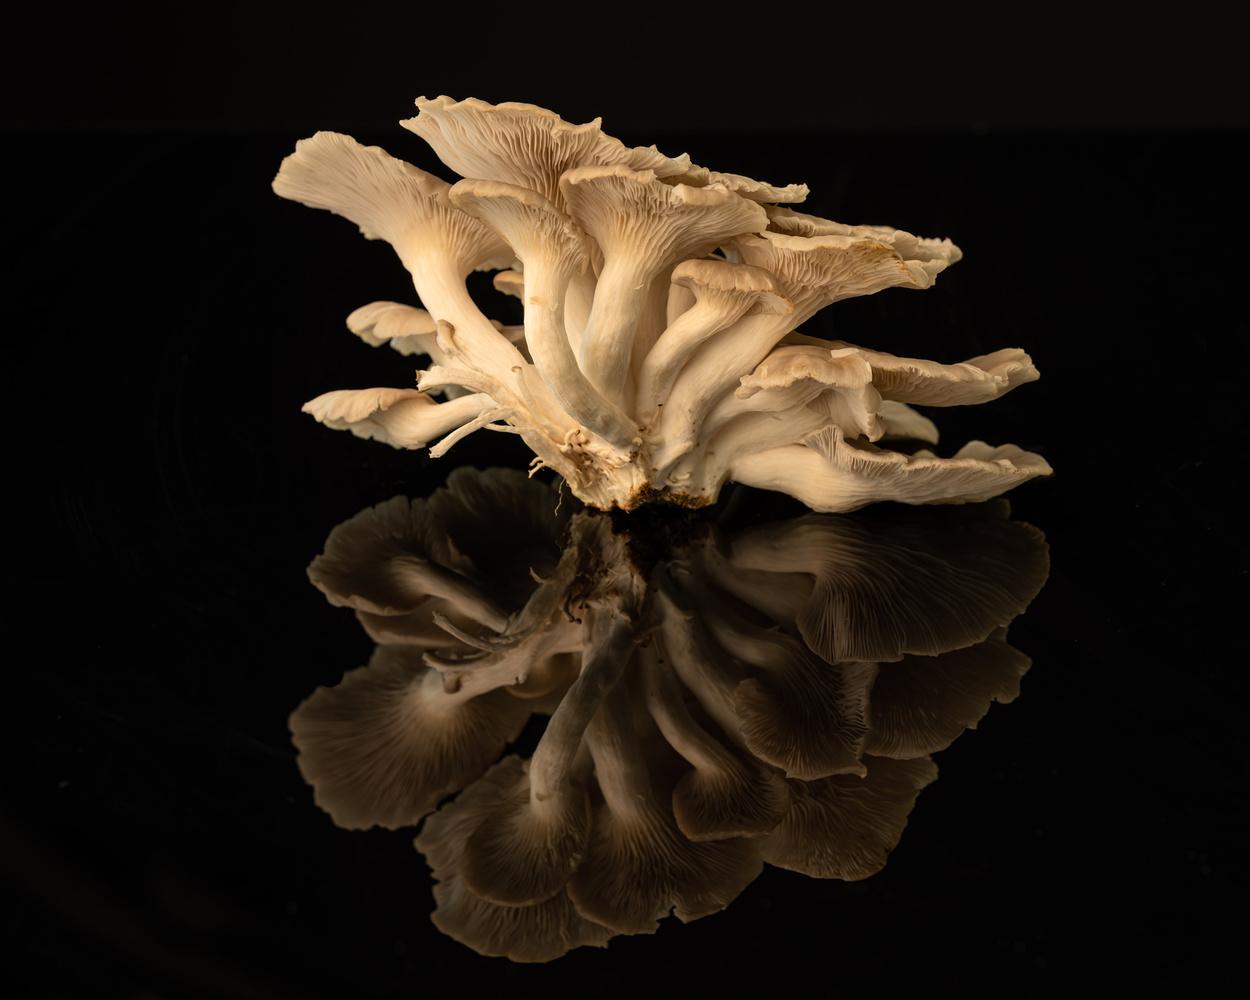 Mushroom by Skyler Ewing